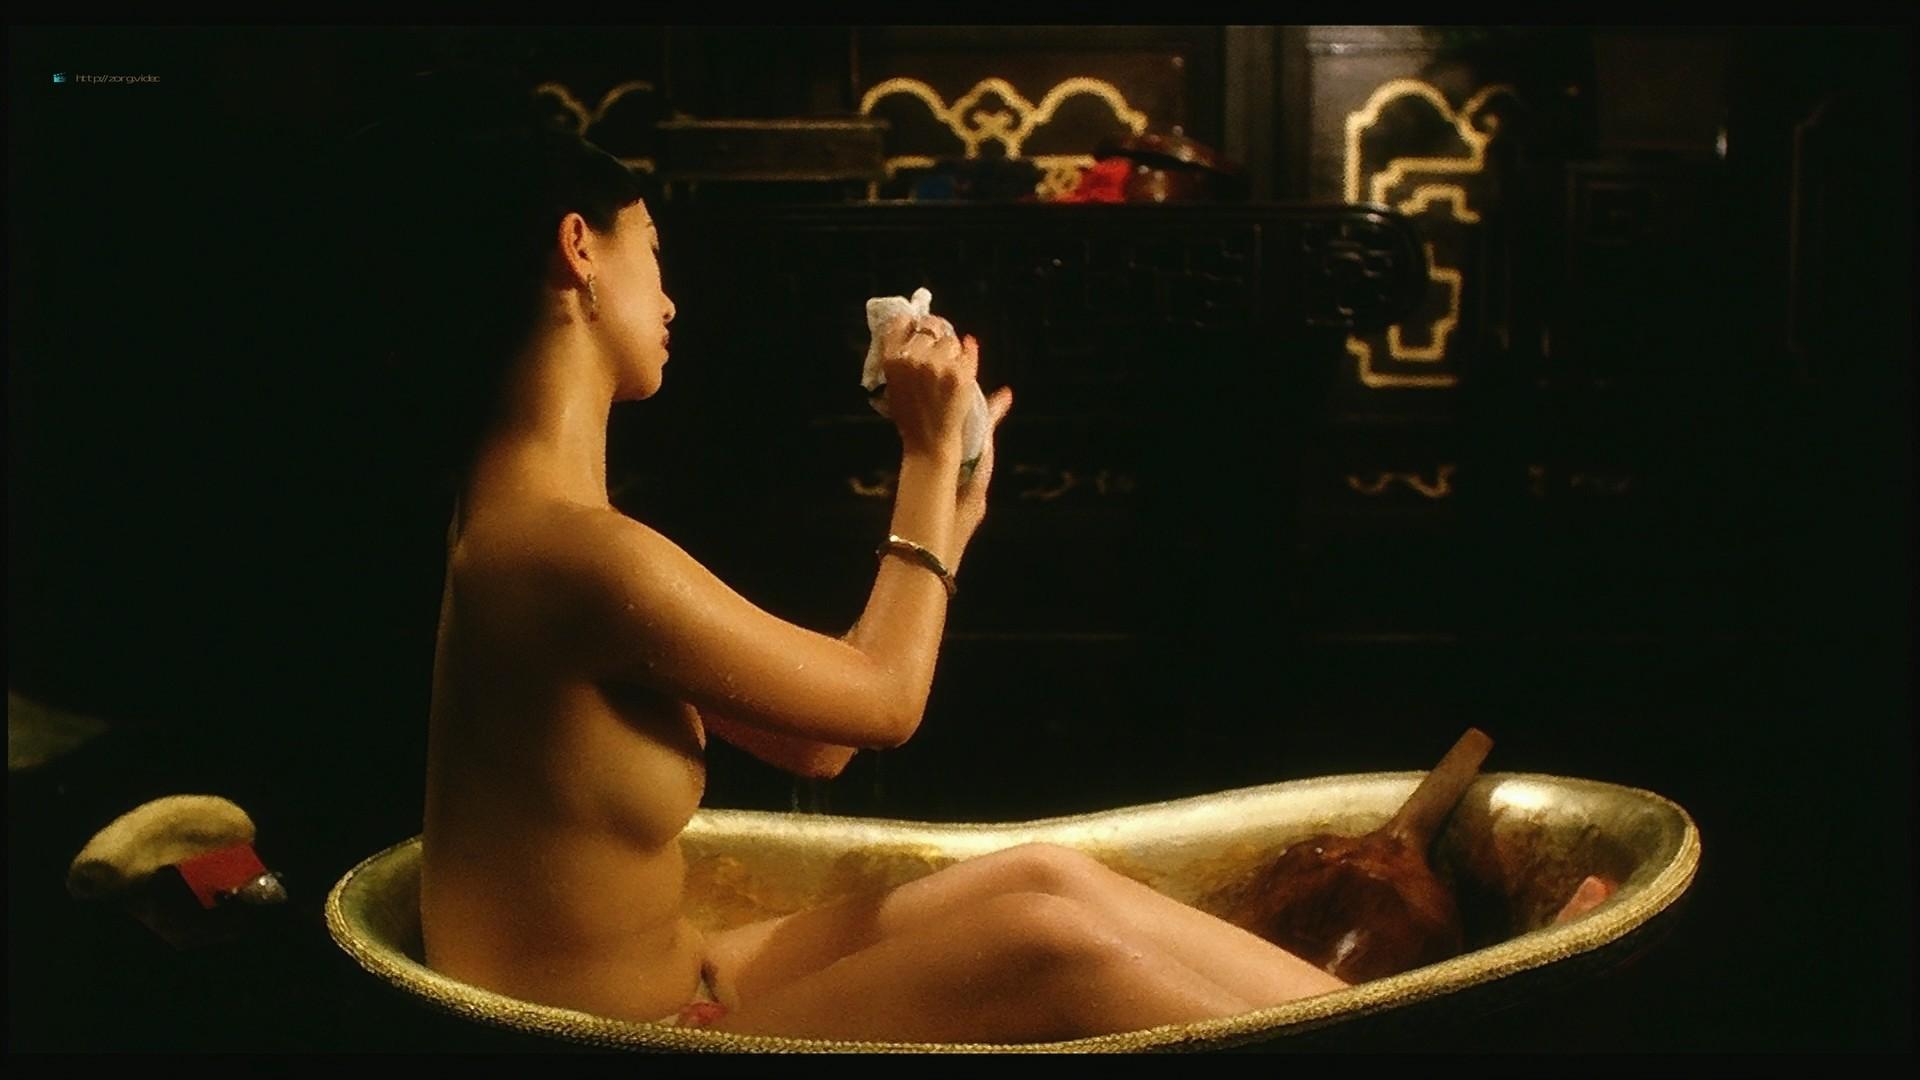 dvd movie yung sex